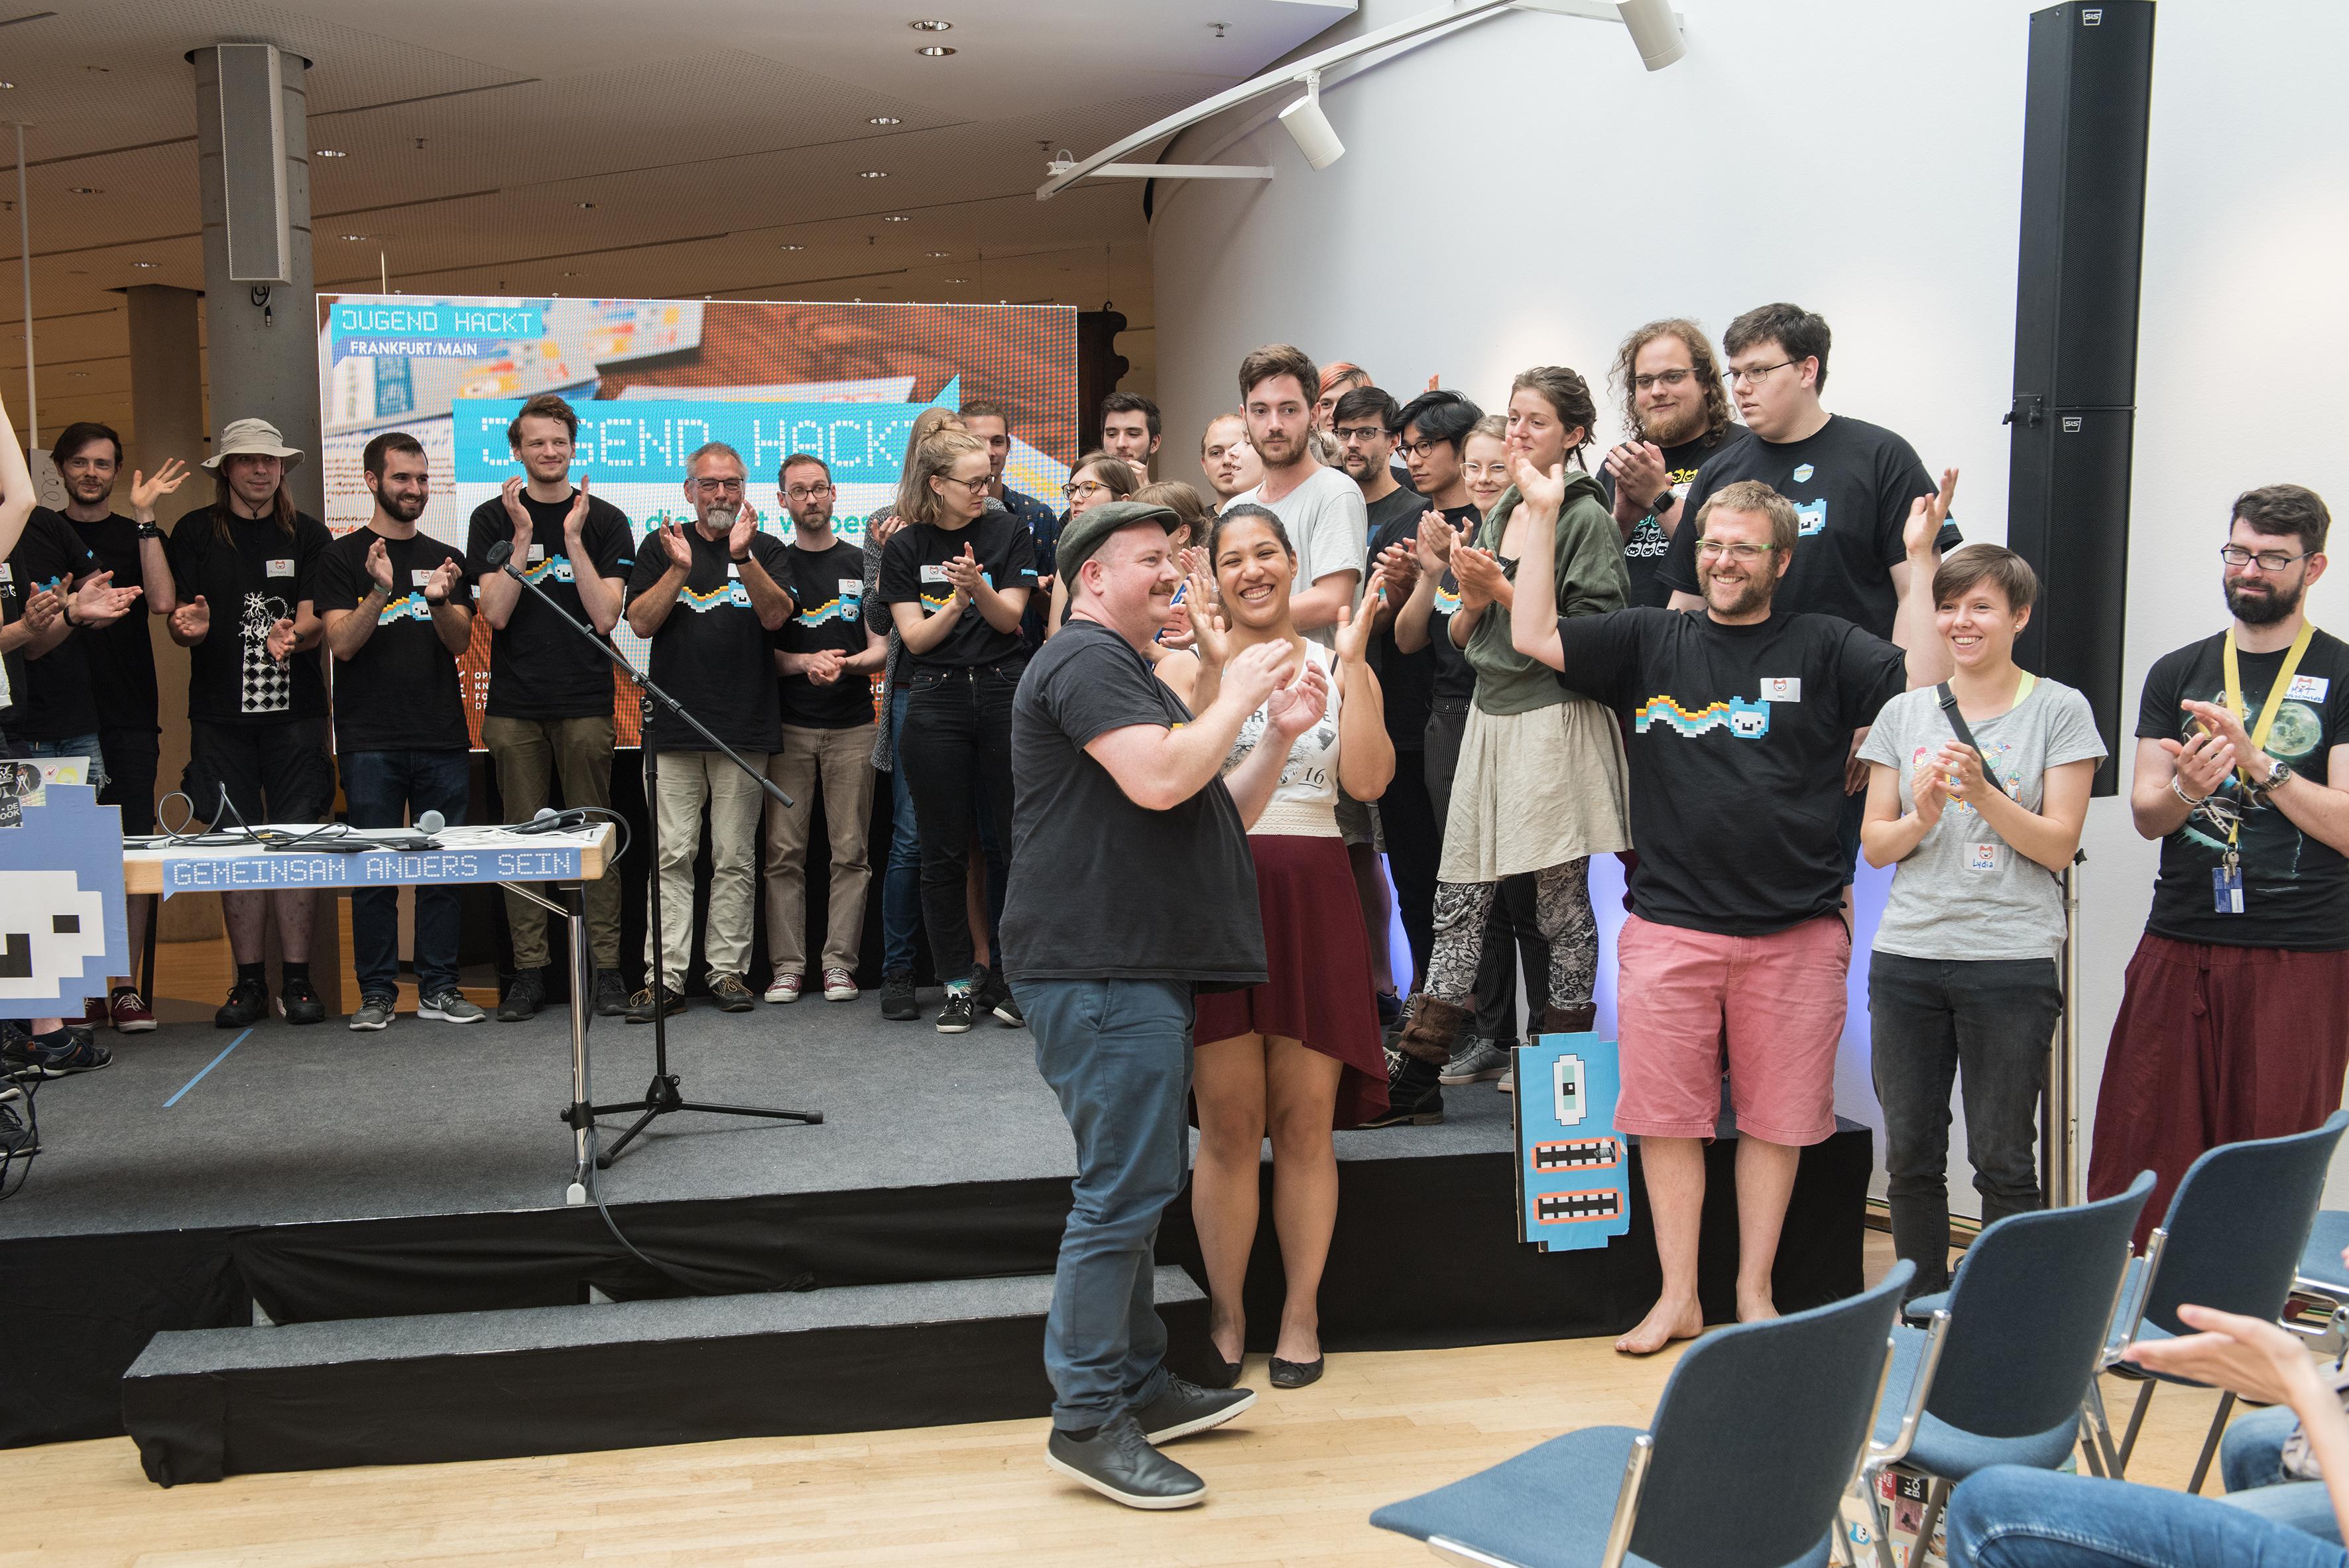 Jugend hackt! Frankfurt 2018